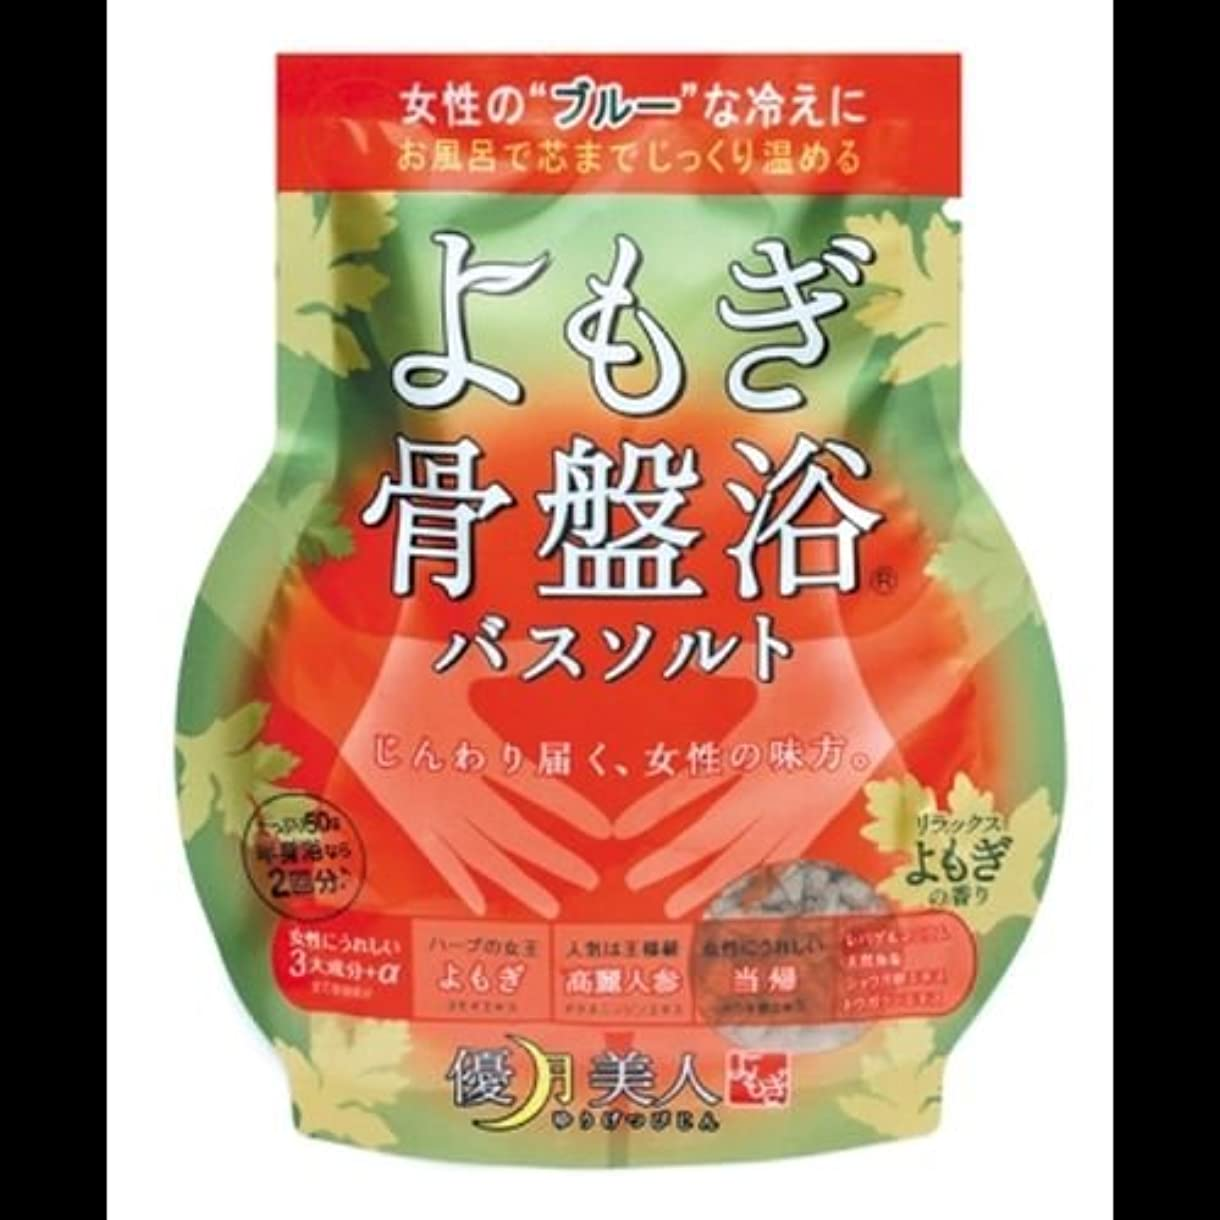 処方するスラック数字【まとめ買い】優月美人 バスソルト よもぎの香り 50g ×2セット